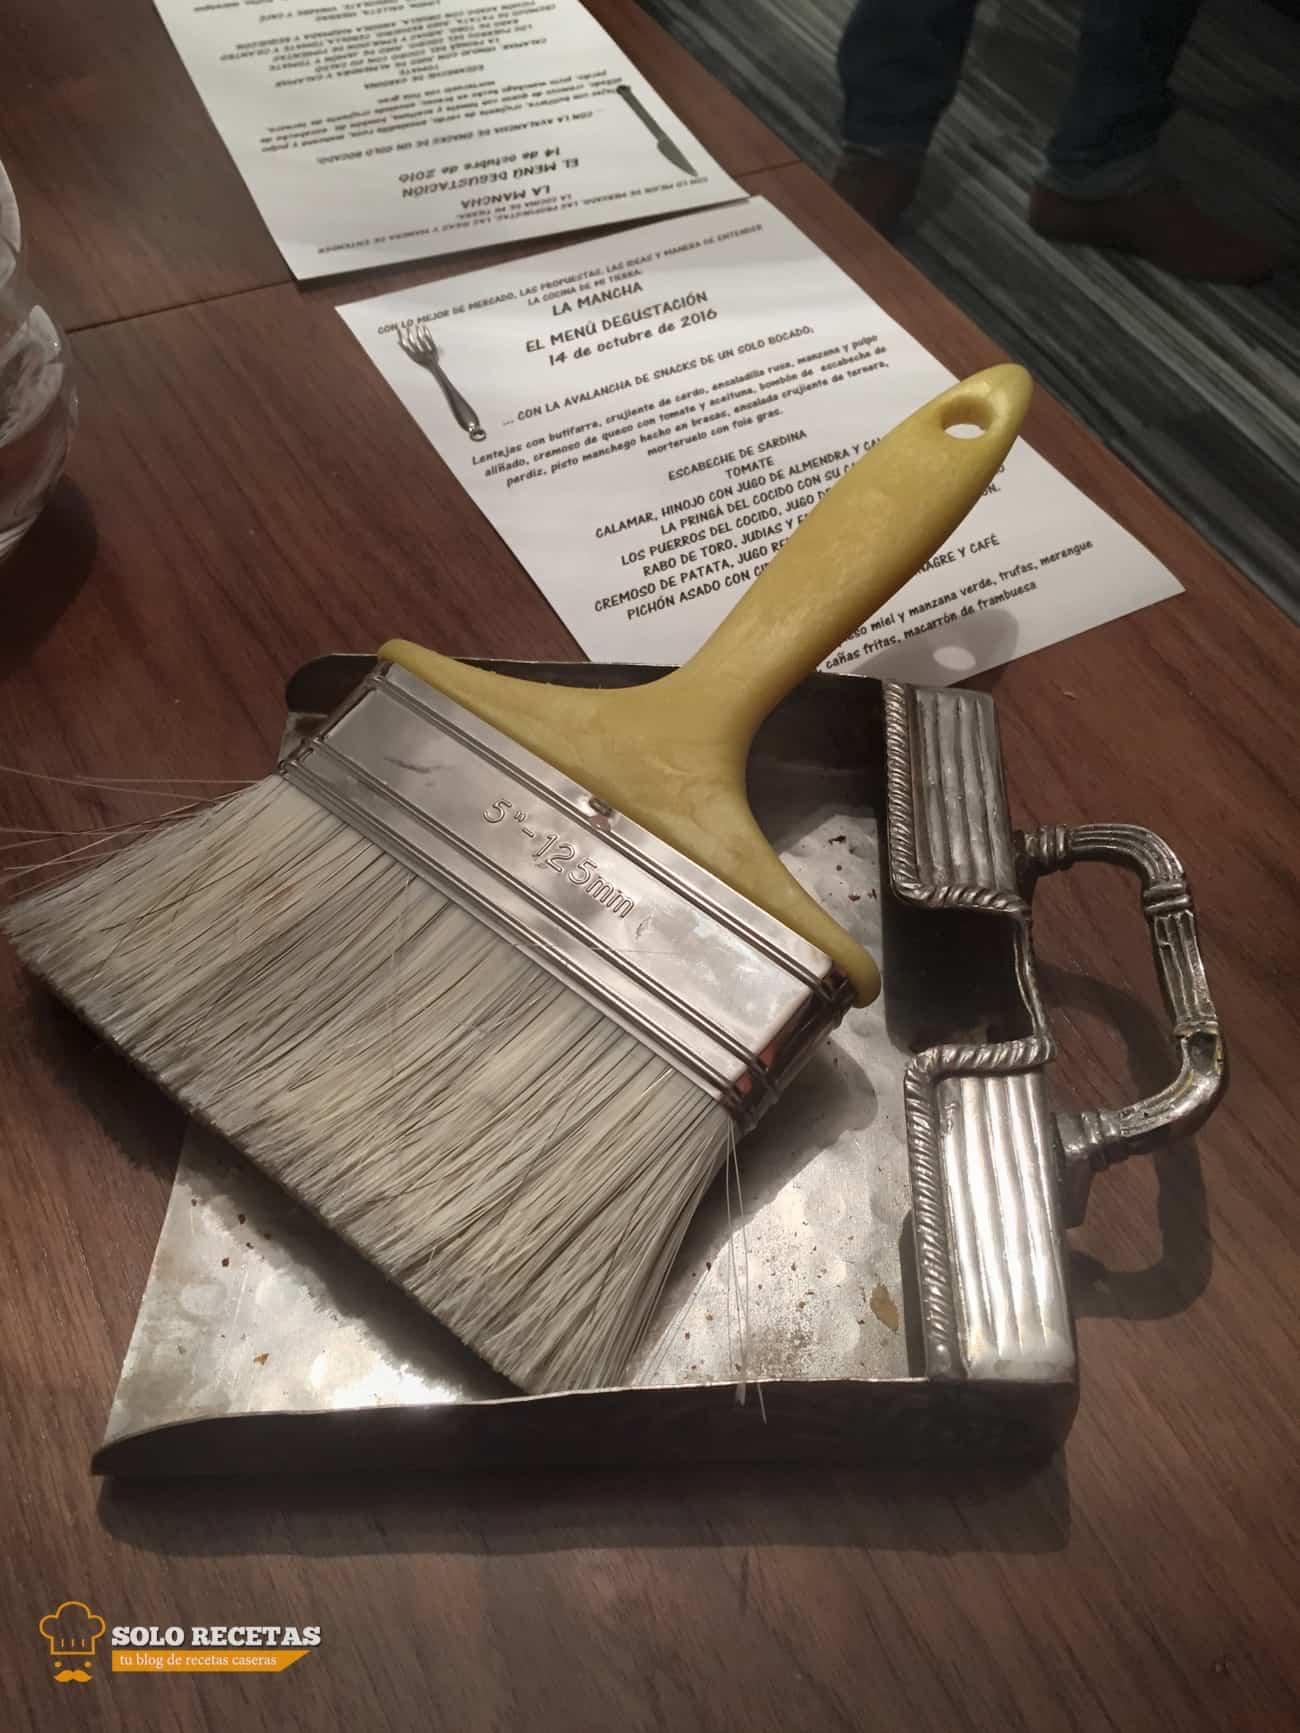 Limpiando la mesa de mejillas de pan con una brocha